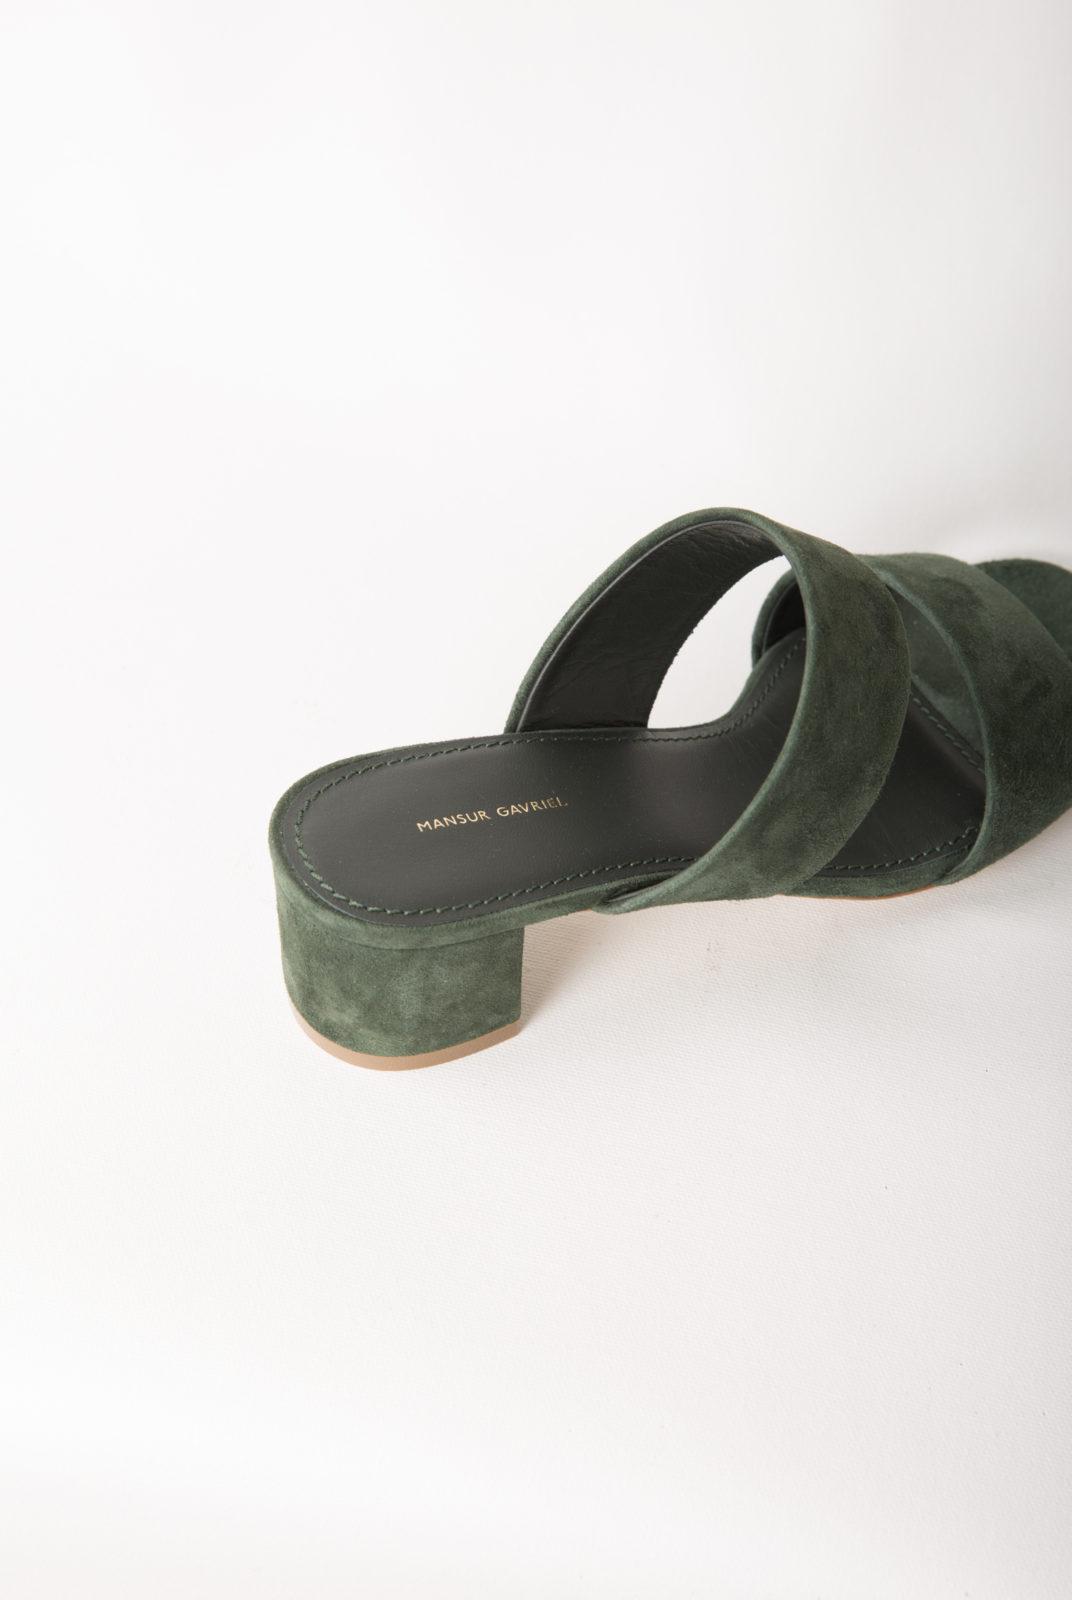 Sandale en cuir suédé italien à double sangle et semelle intérieure en cuir de veau. Talon de 40mm. Fabriqué en Italie.